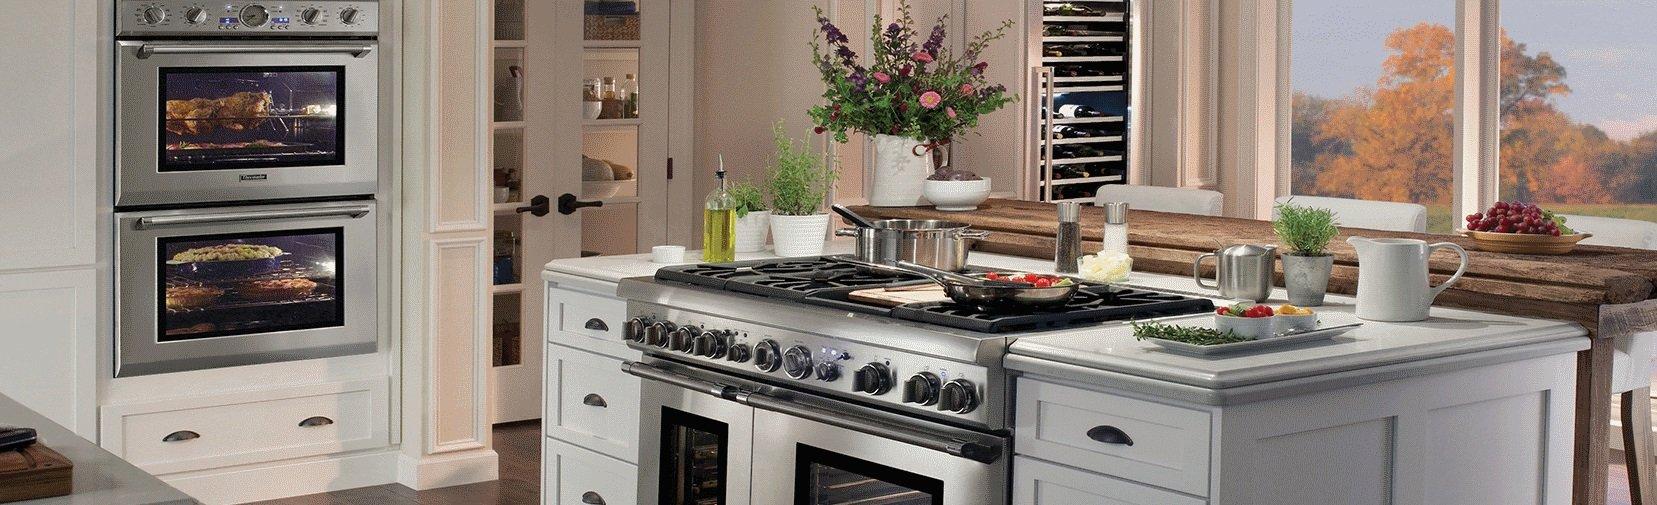 Home & Kitchen Appliances Edmonton   Avenue Appliance Store